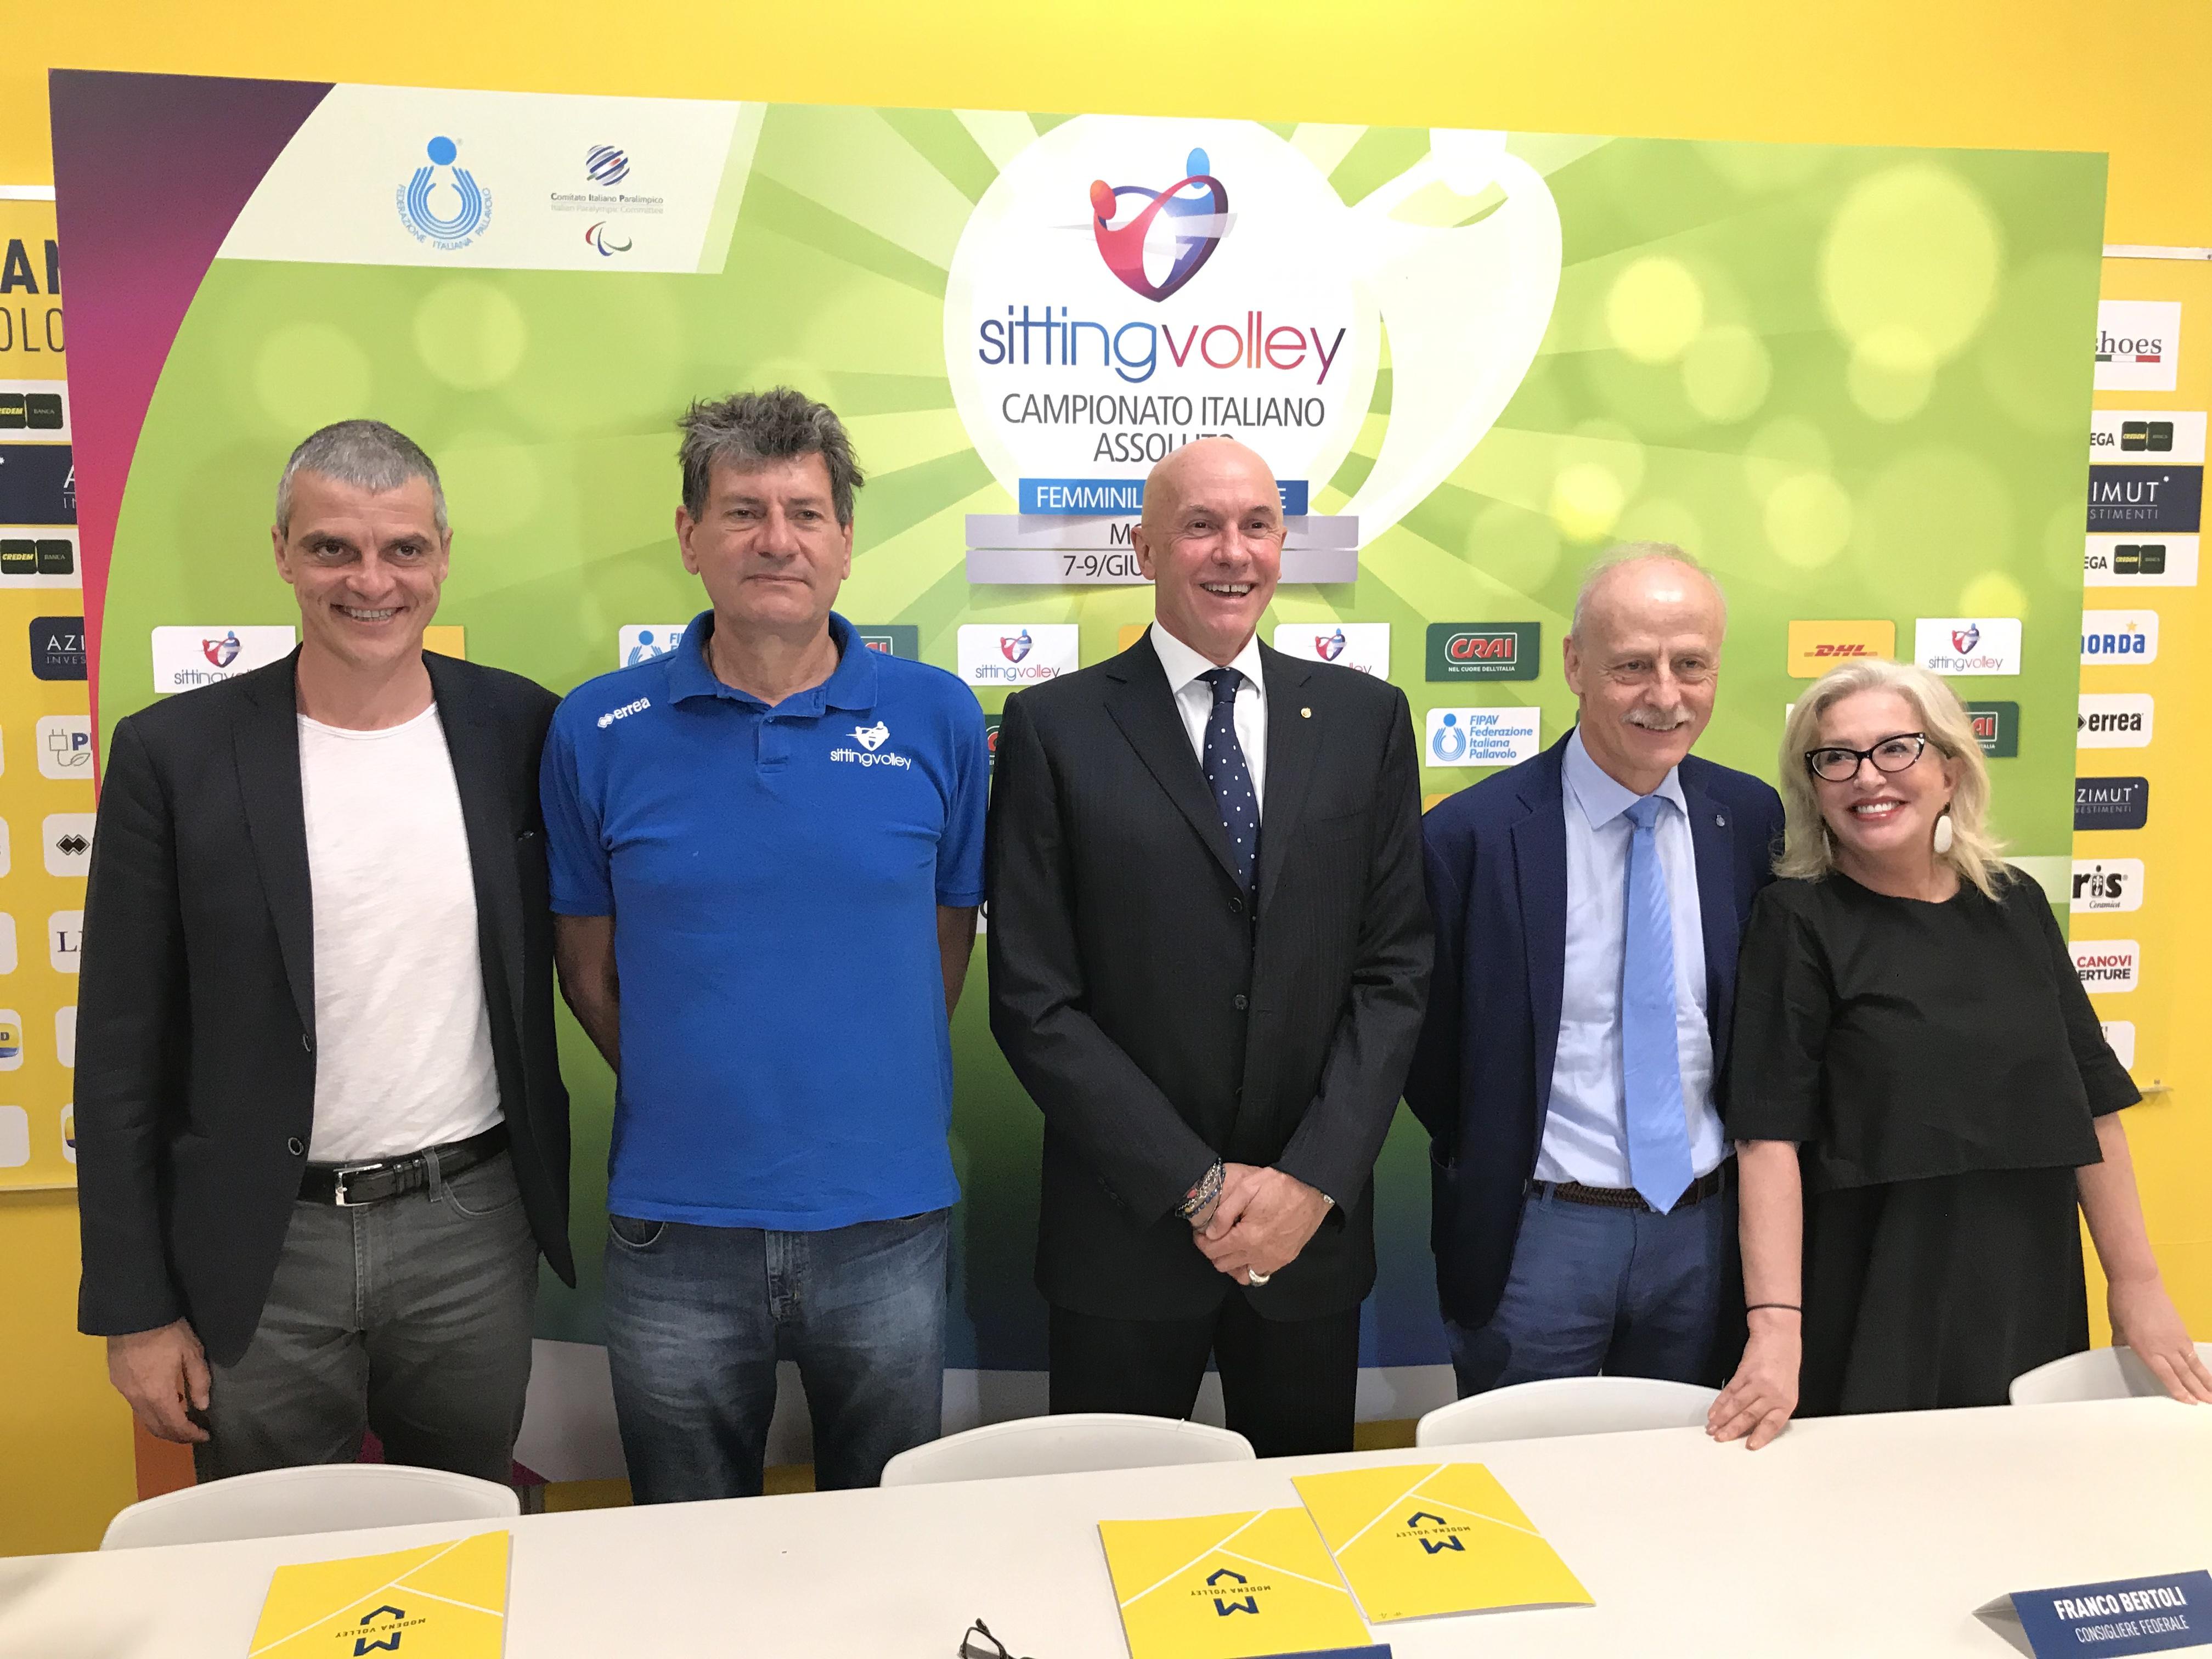 Sitting Volley al PalaPanini, conferenza stampa con Franco Bertoli e Amauri Ribeiro